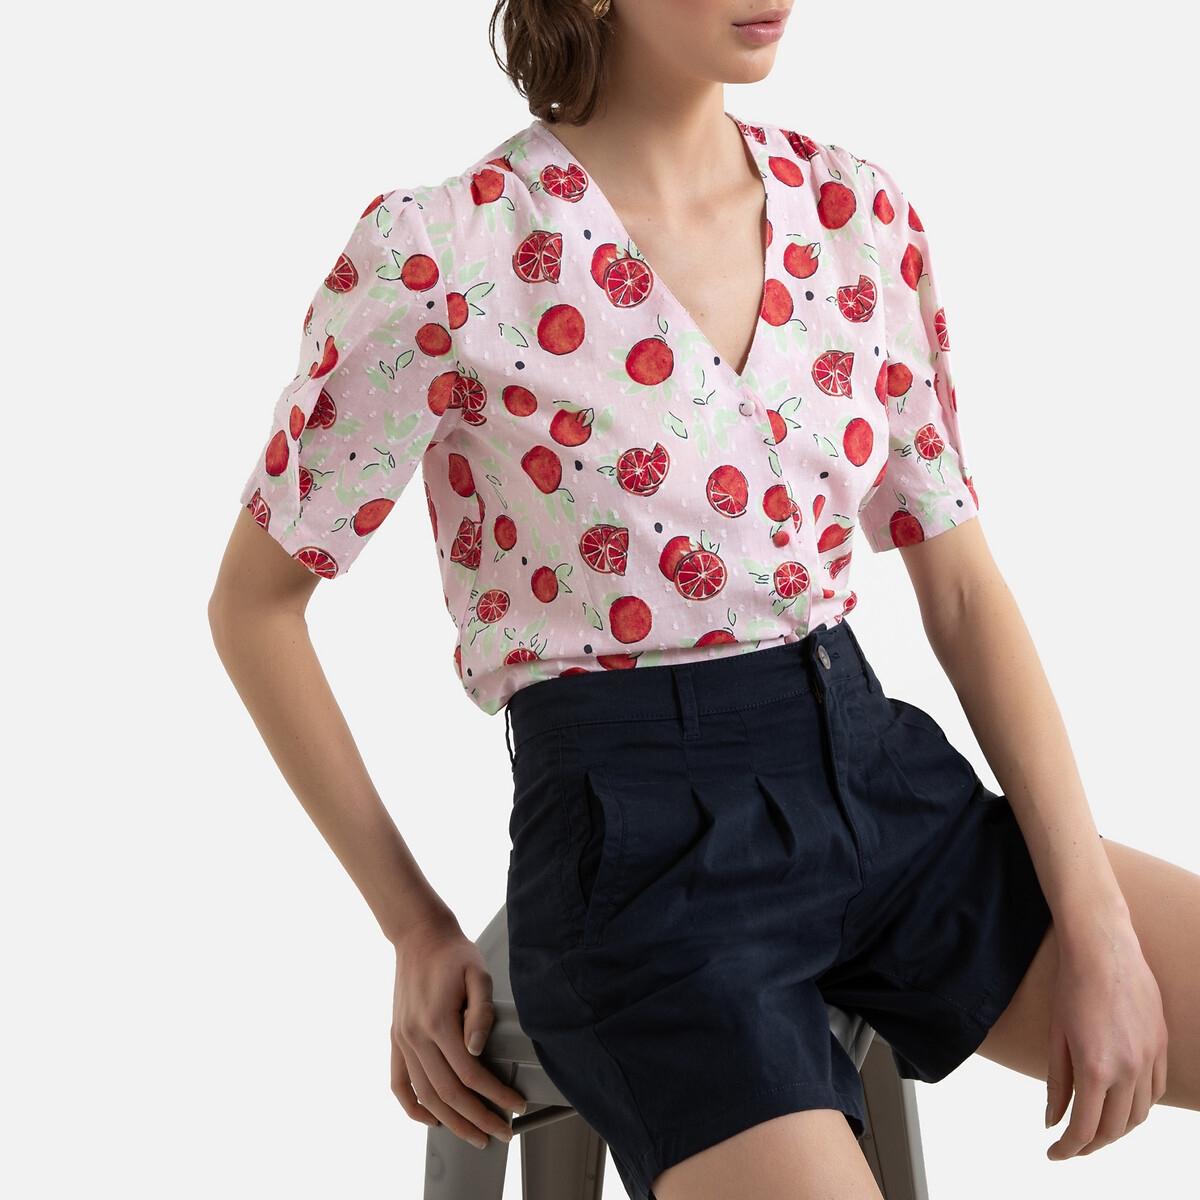 Camisa estampada com decote em V, mangas curtas balão